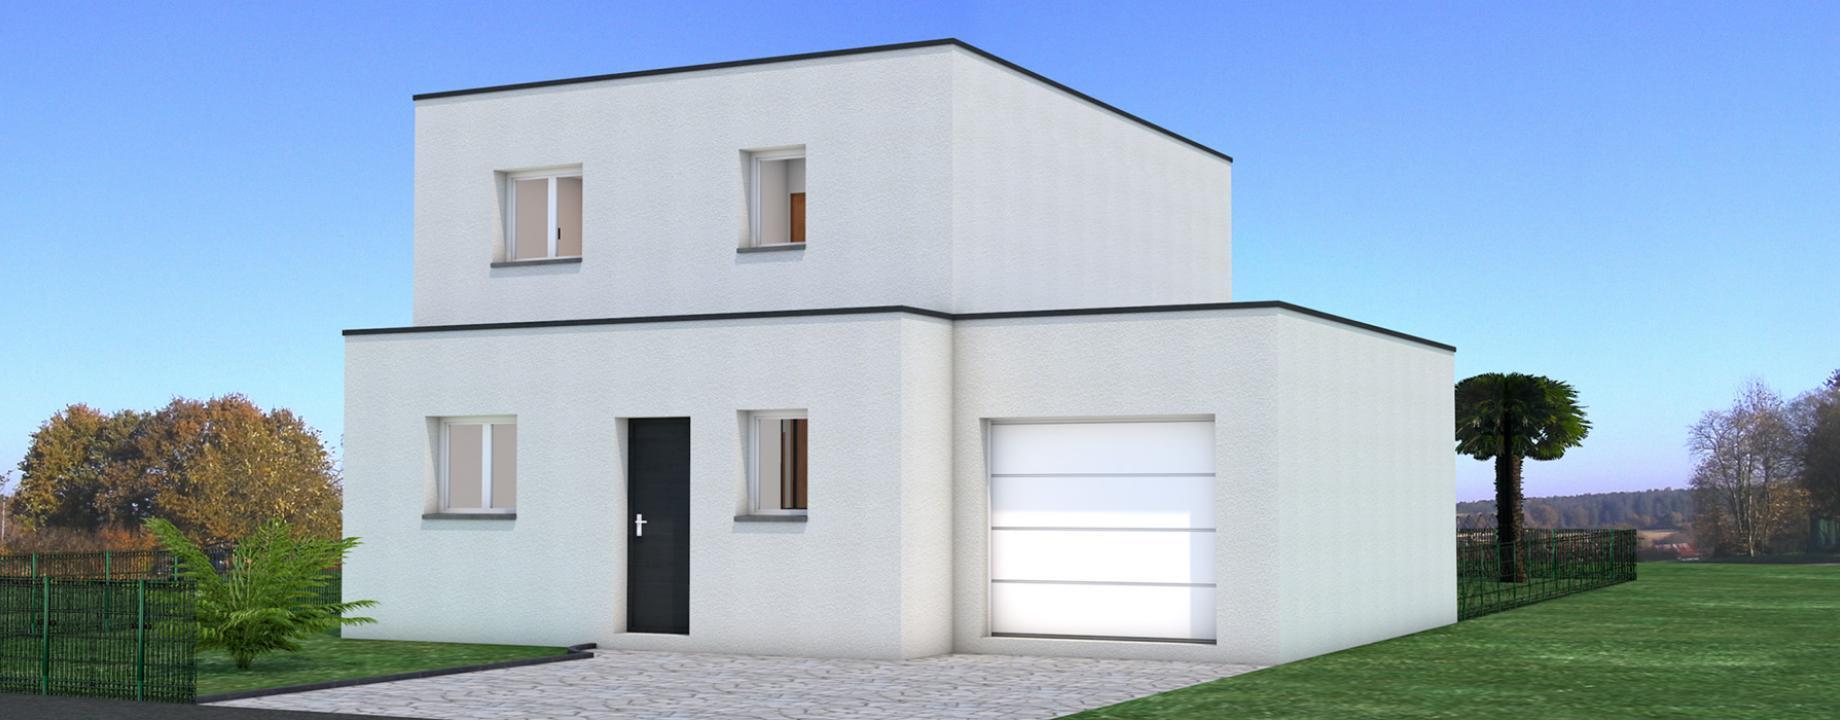 Image gasnier-maisons-individuelles03.jpg